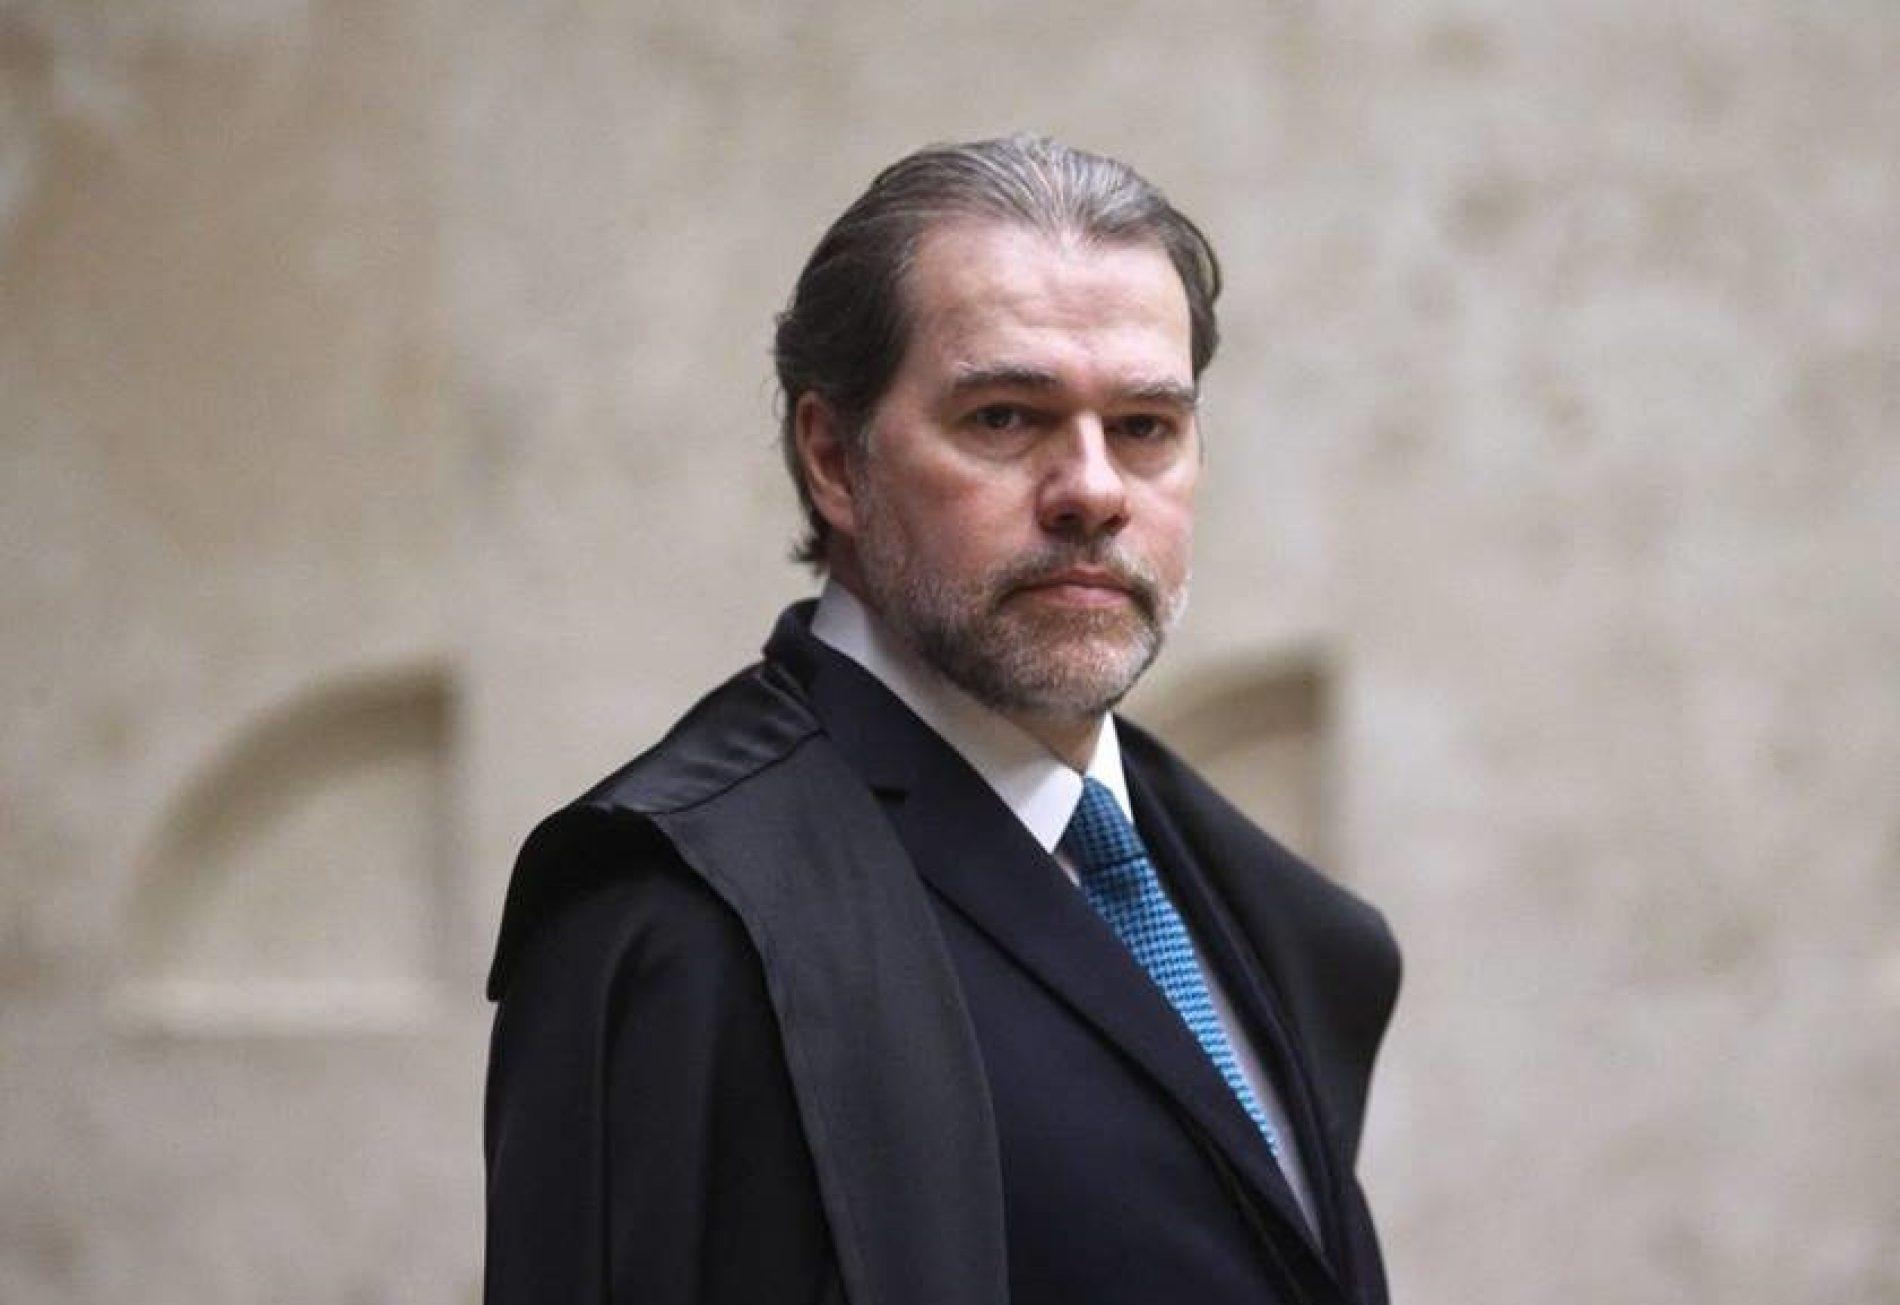 Pela aprovação de reajuste, Toffoli ligou para senadores, diz jornal